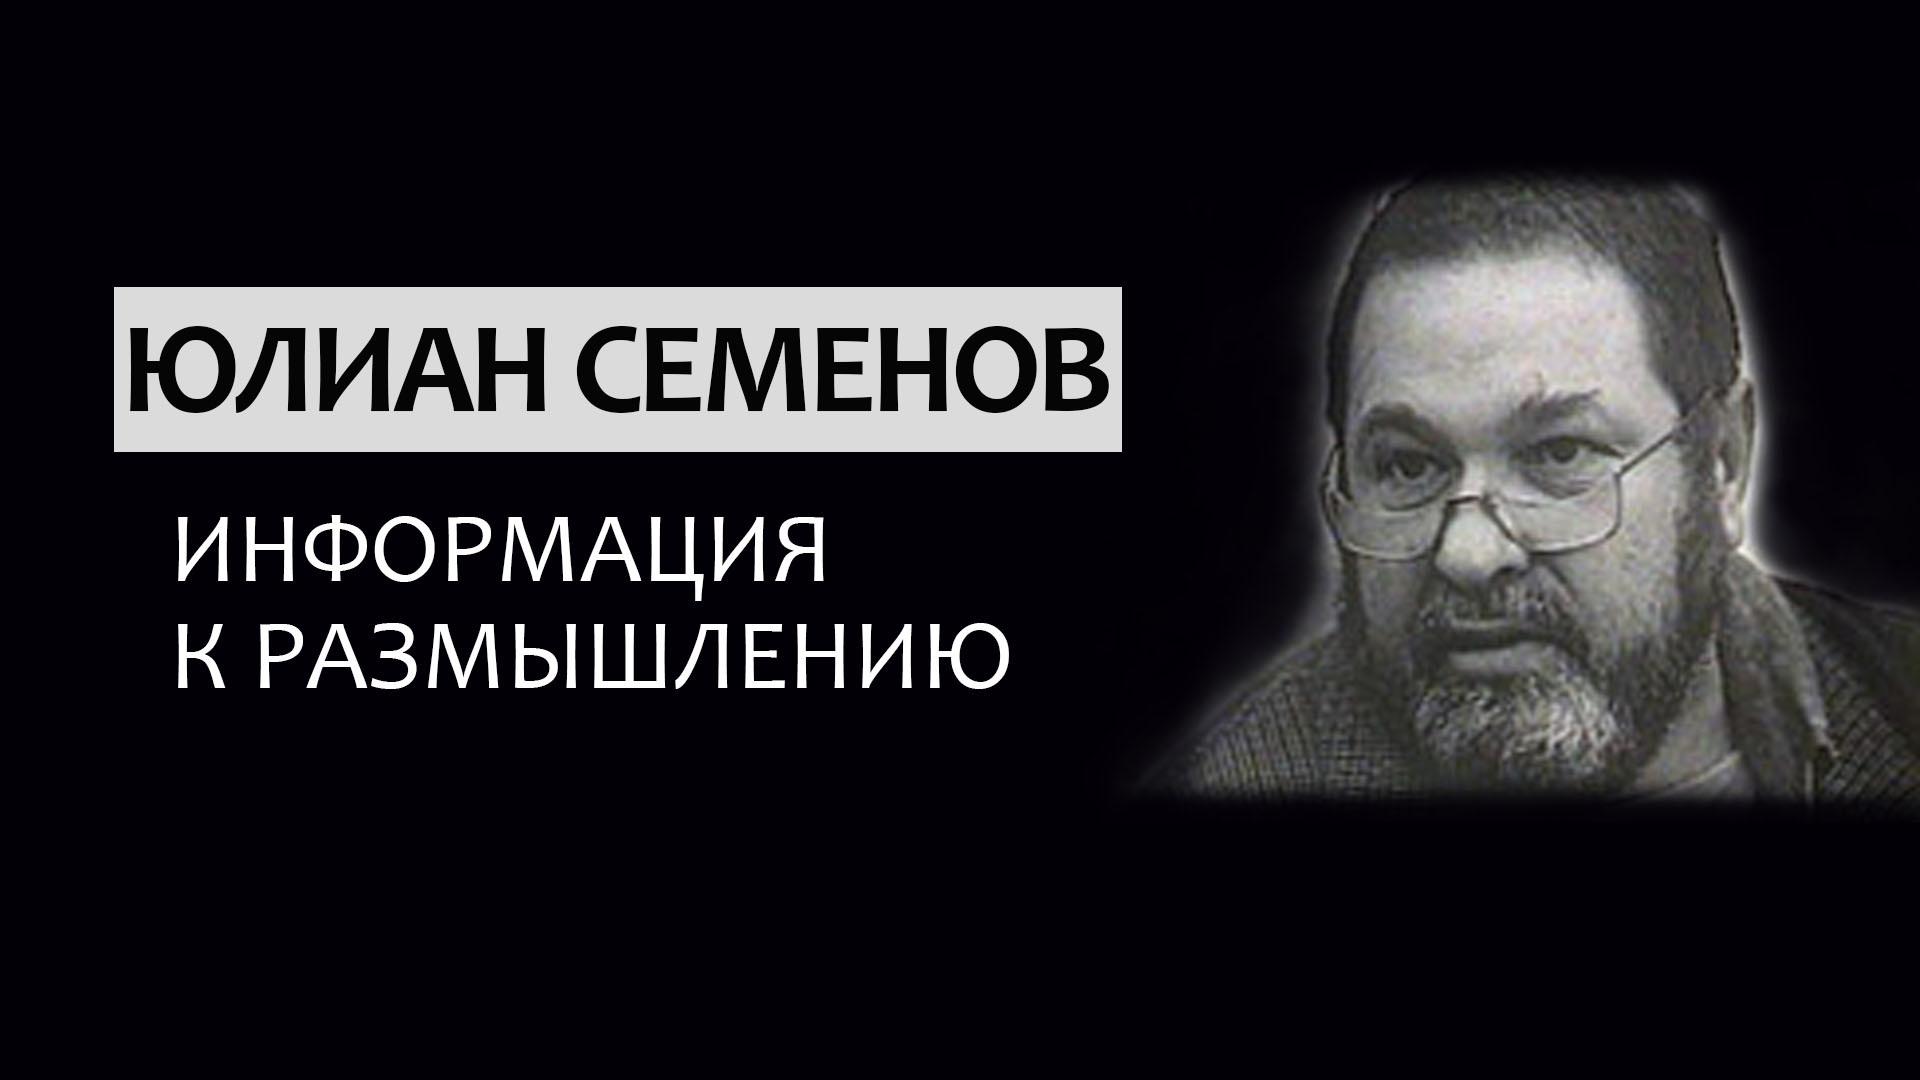 Юлиан Семенов. Информация к размышлению